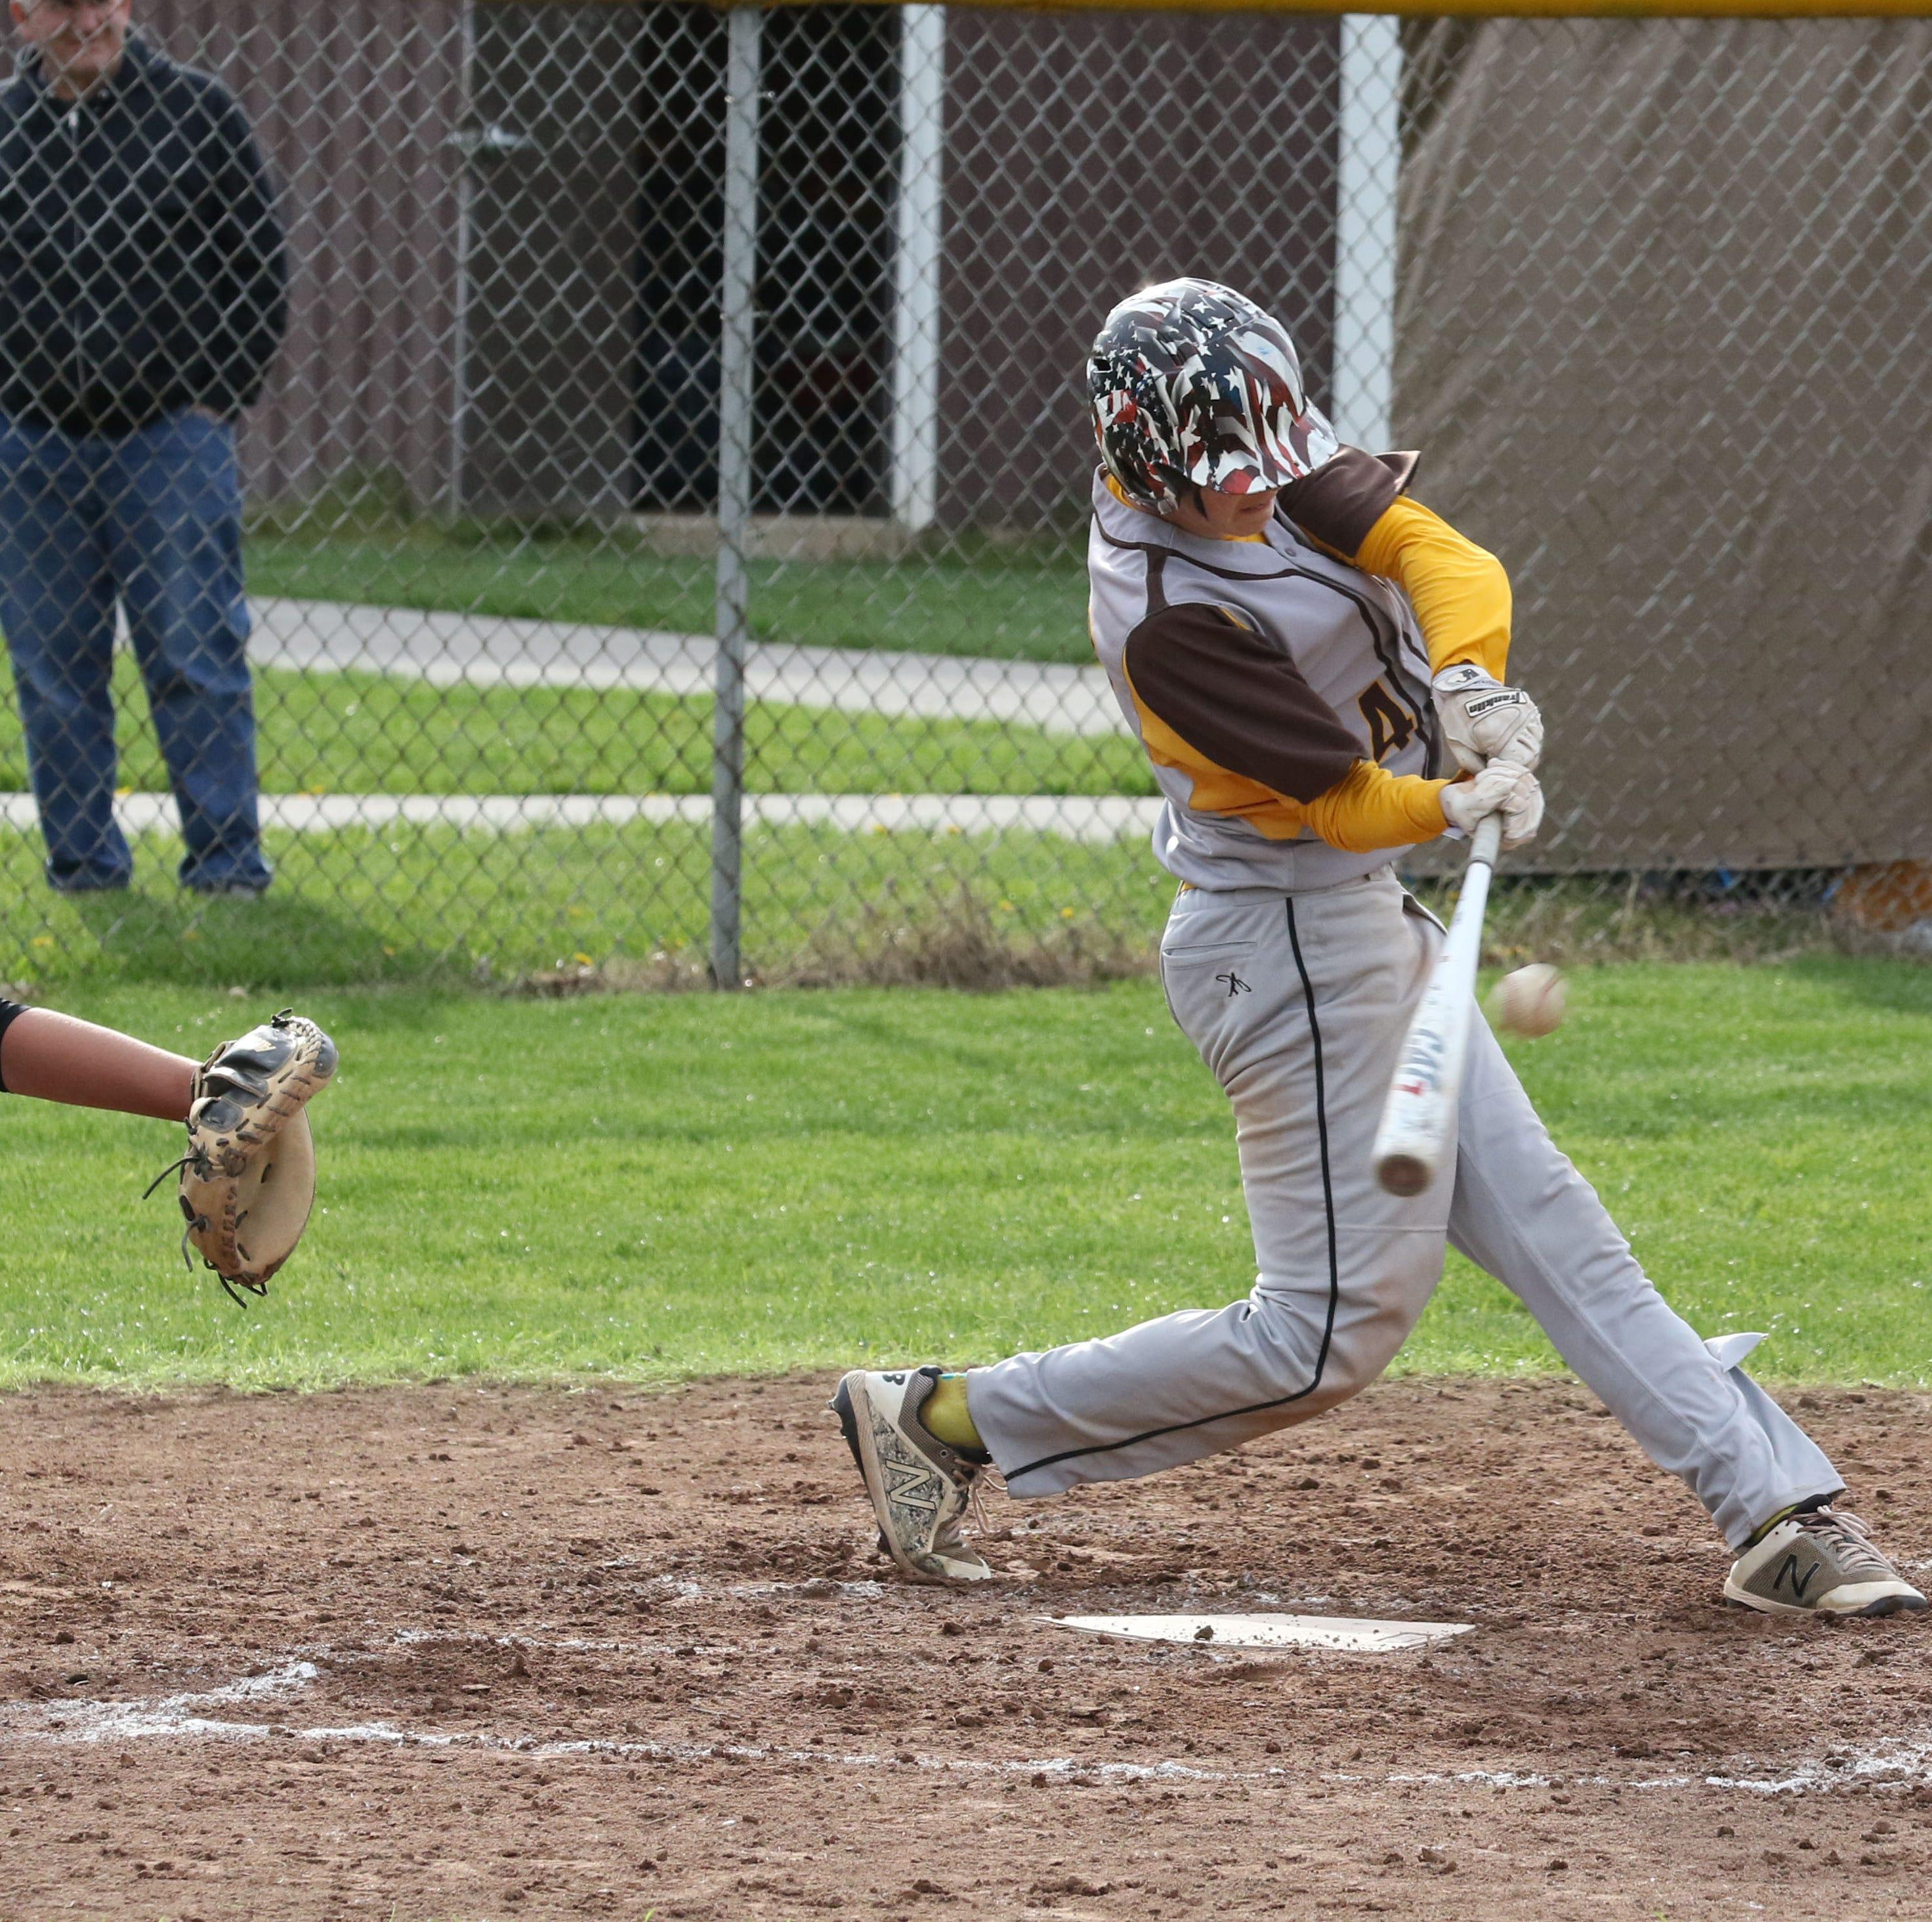 Roundup: Miller helps Old Fort baseball beat Crimson Streaks